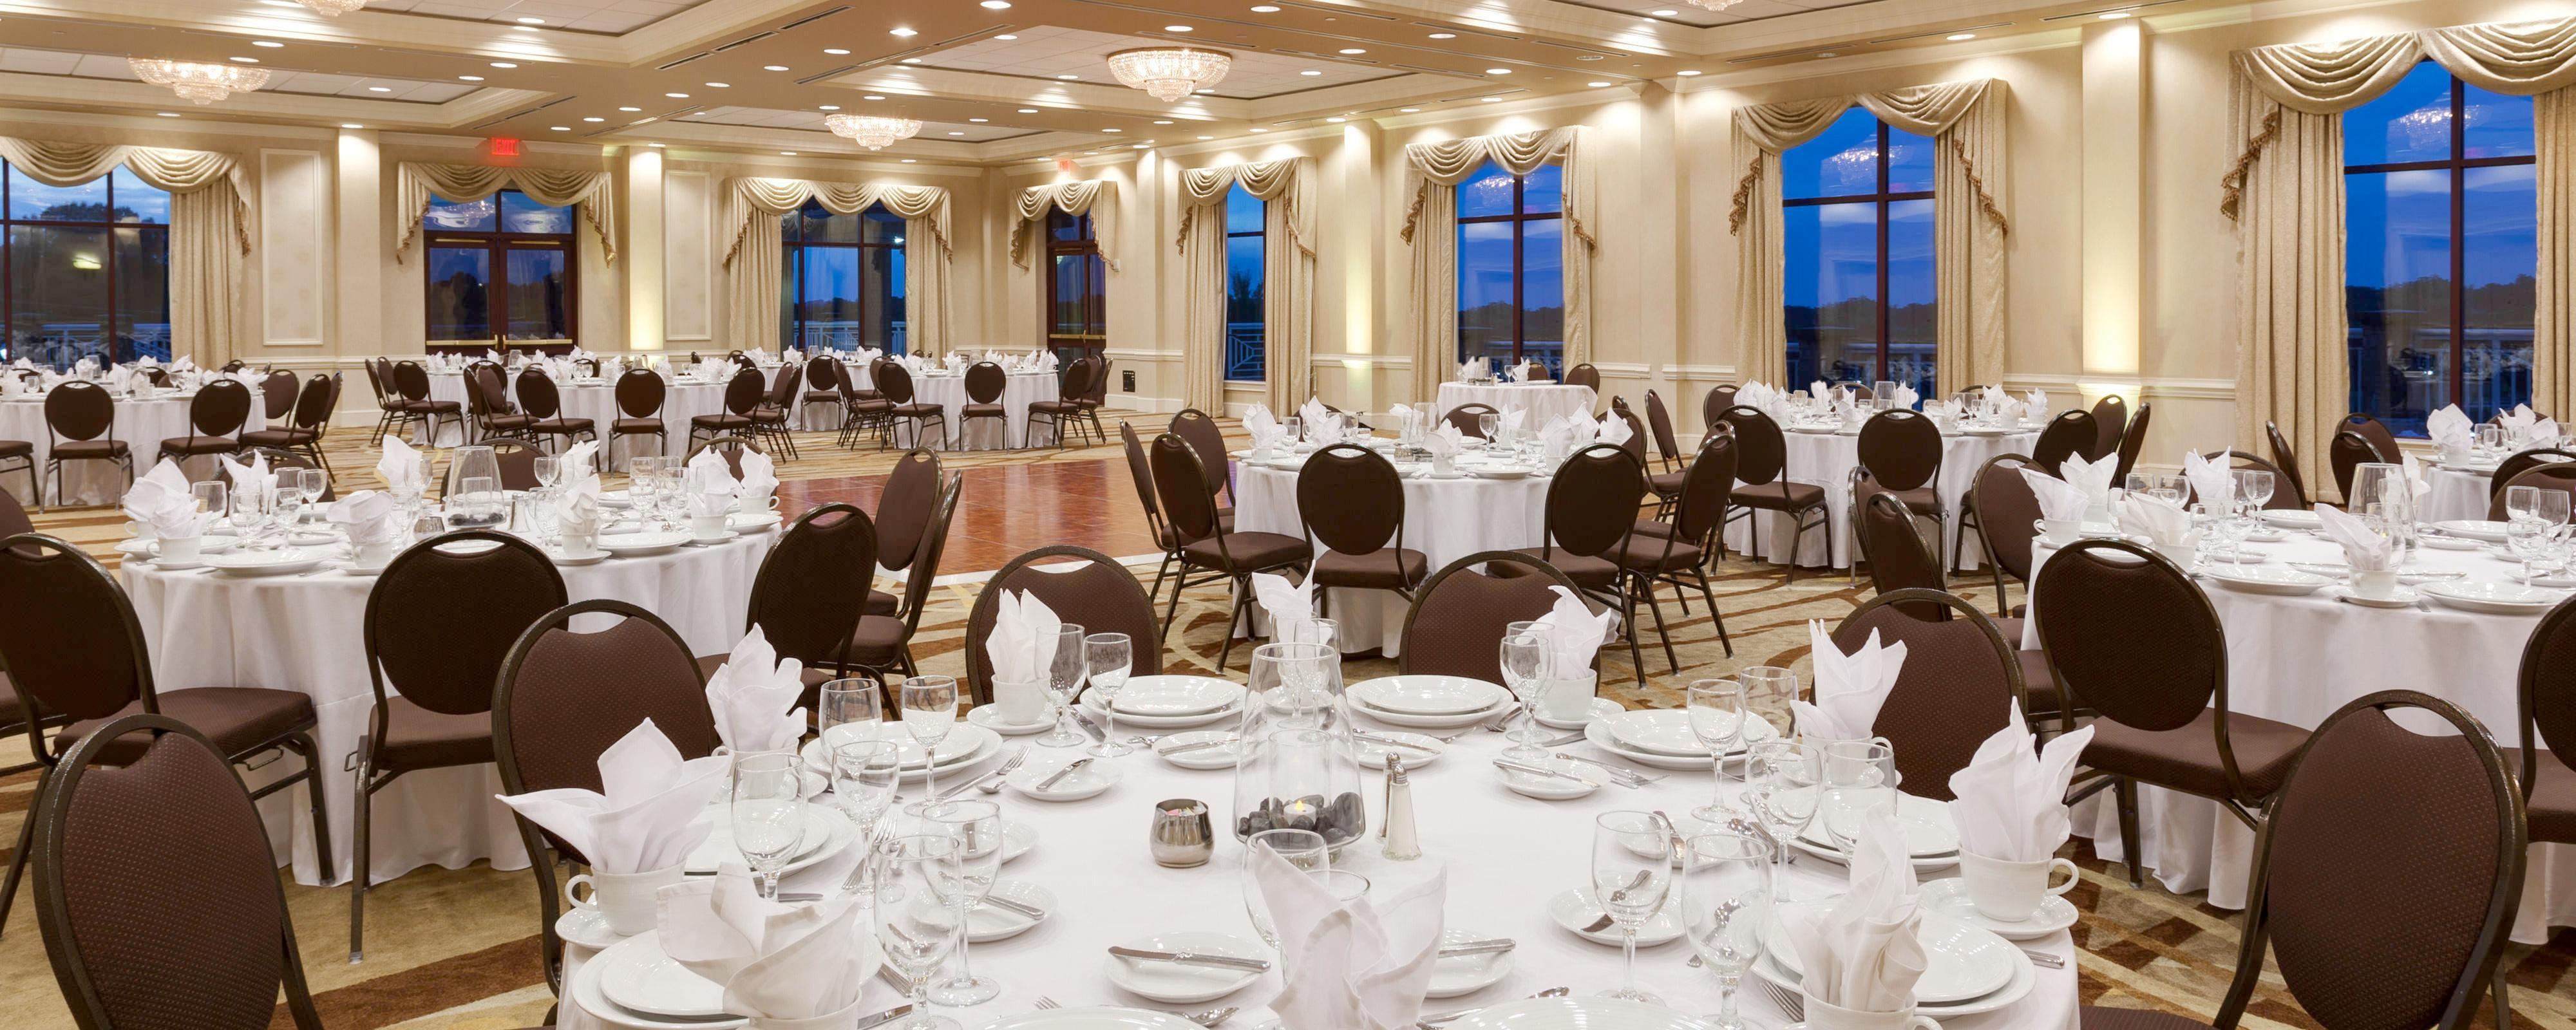 Spartanburg South Carolina Wedding Venue And Event Space